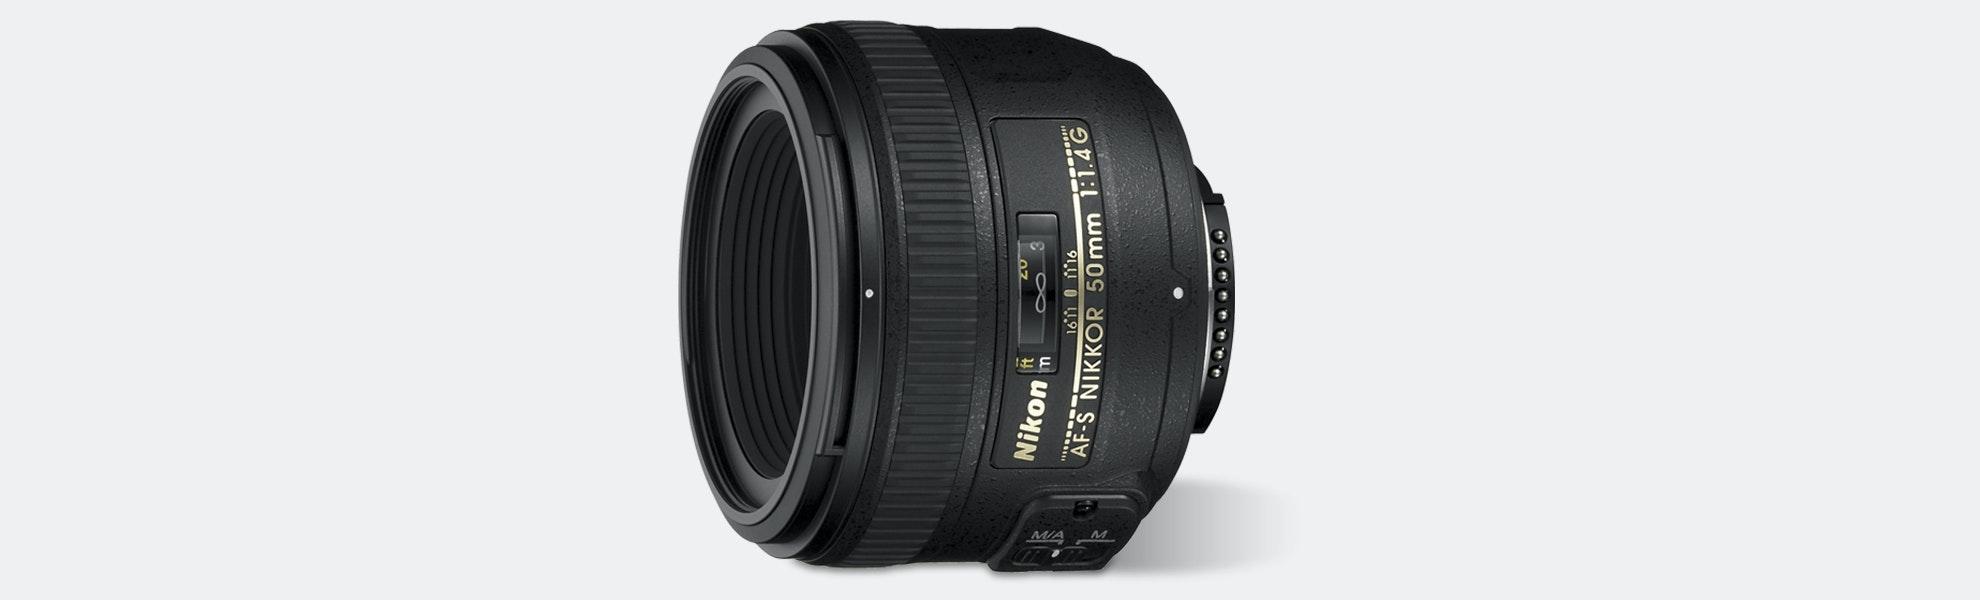 Nikon 50mm Nikkor AF-S F1.4G Lens